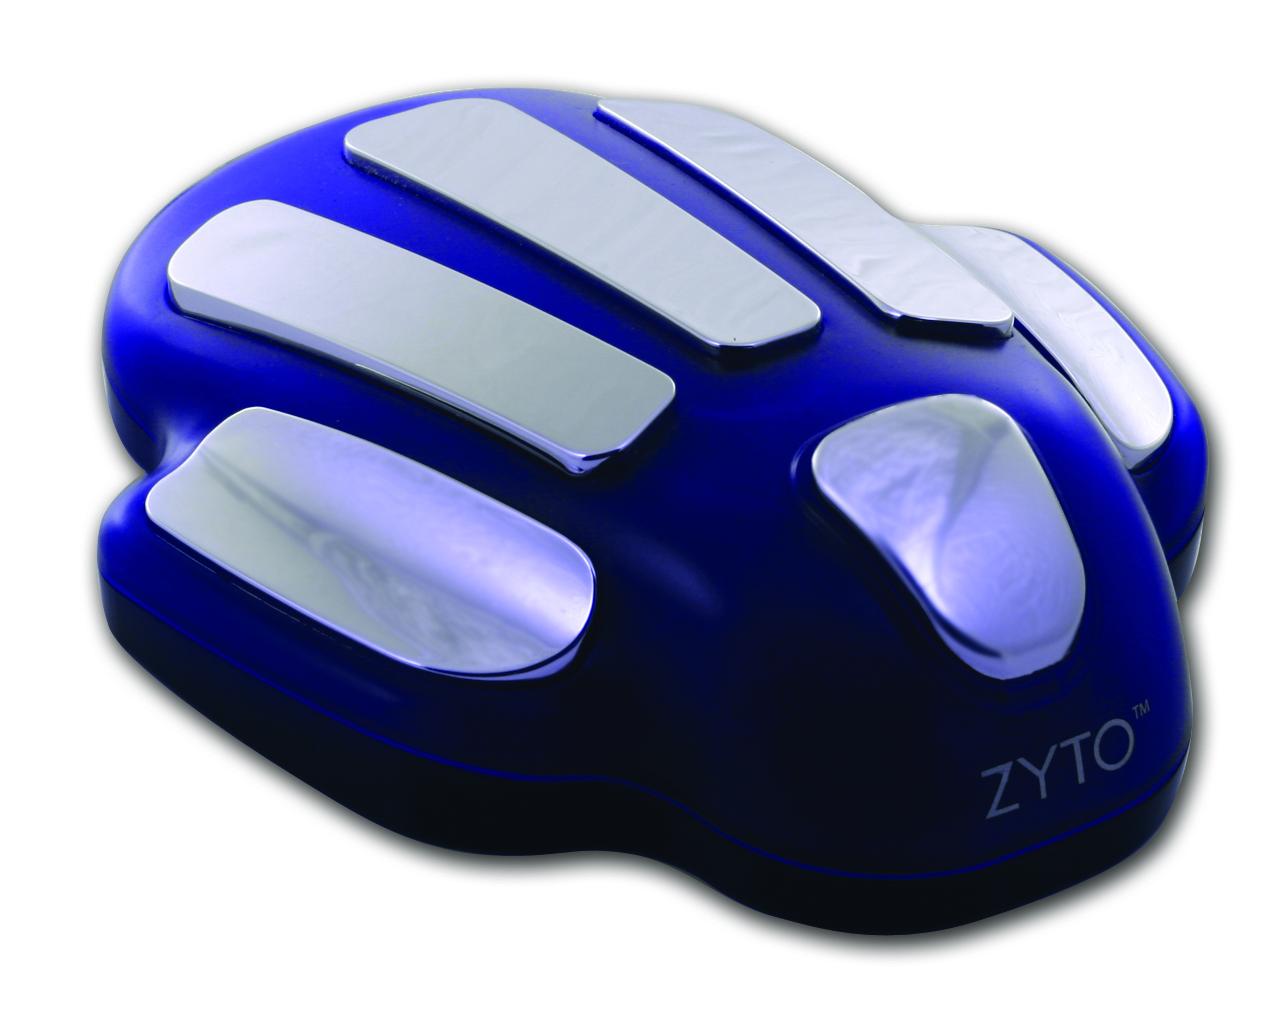 ZYTO_scanner.jpg